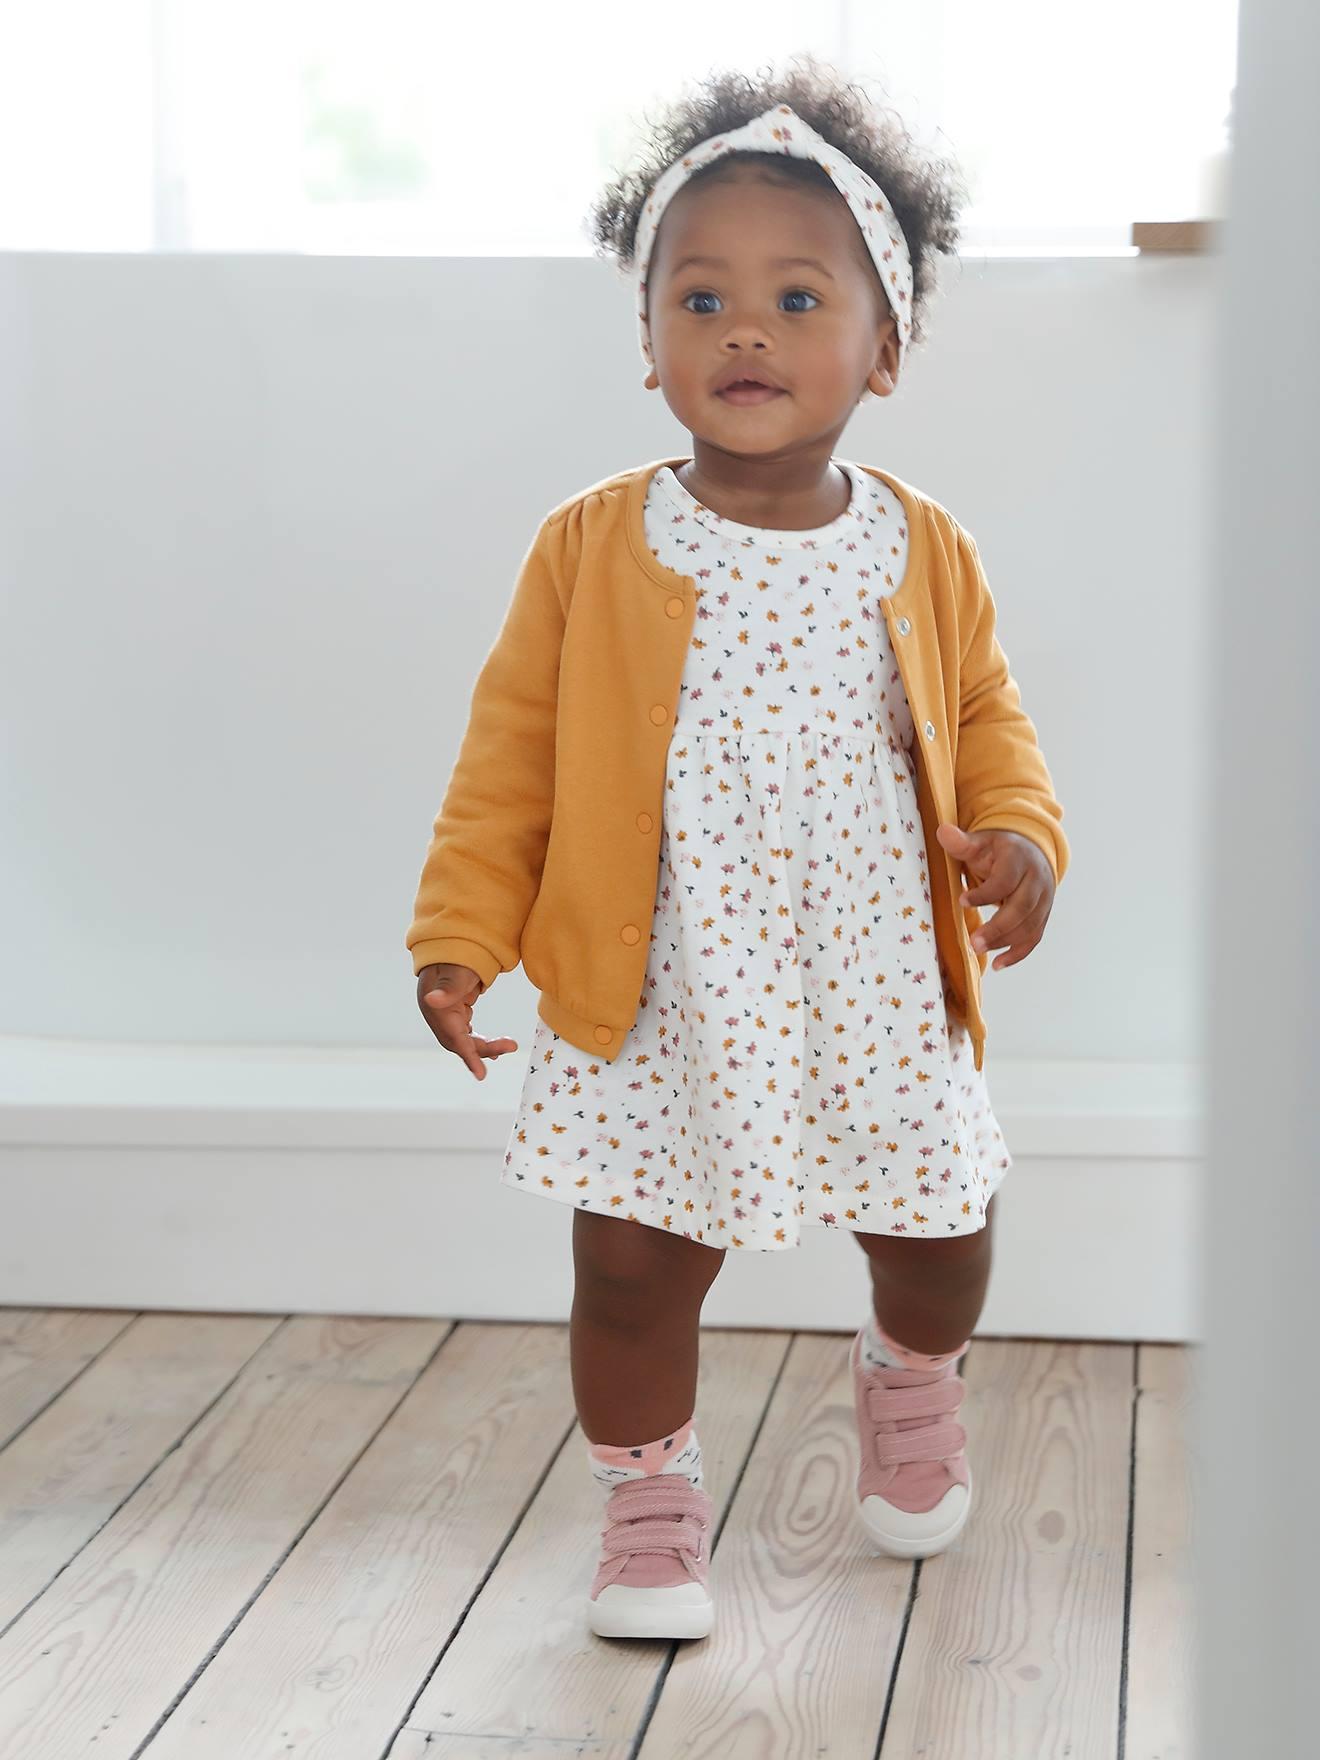 madchen baby-set: kleid, strickjacke & haarband - senfgelb+wollwei? geblumt